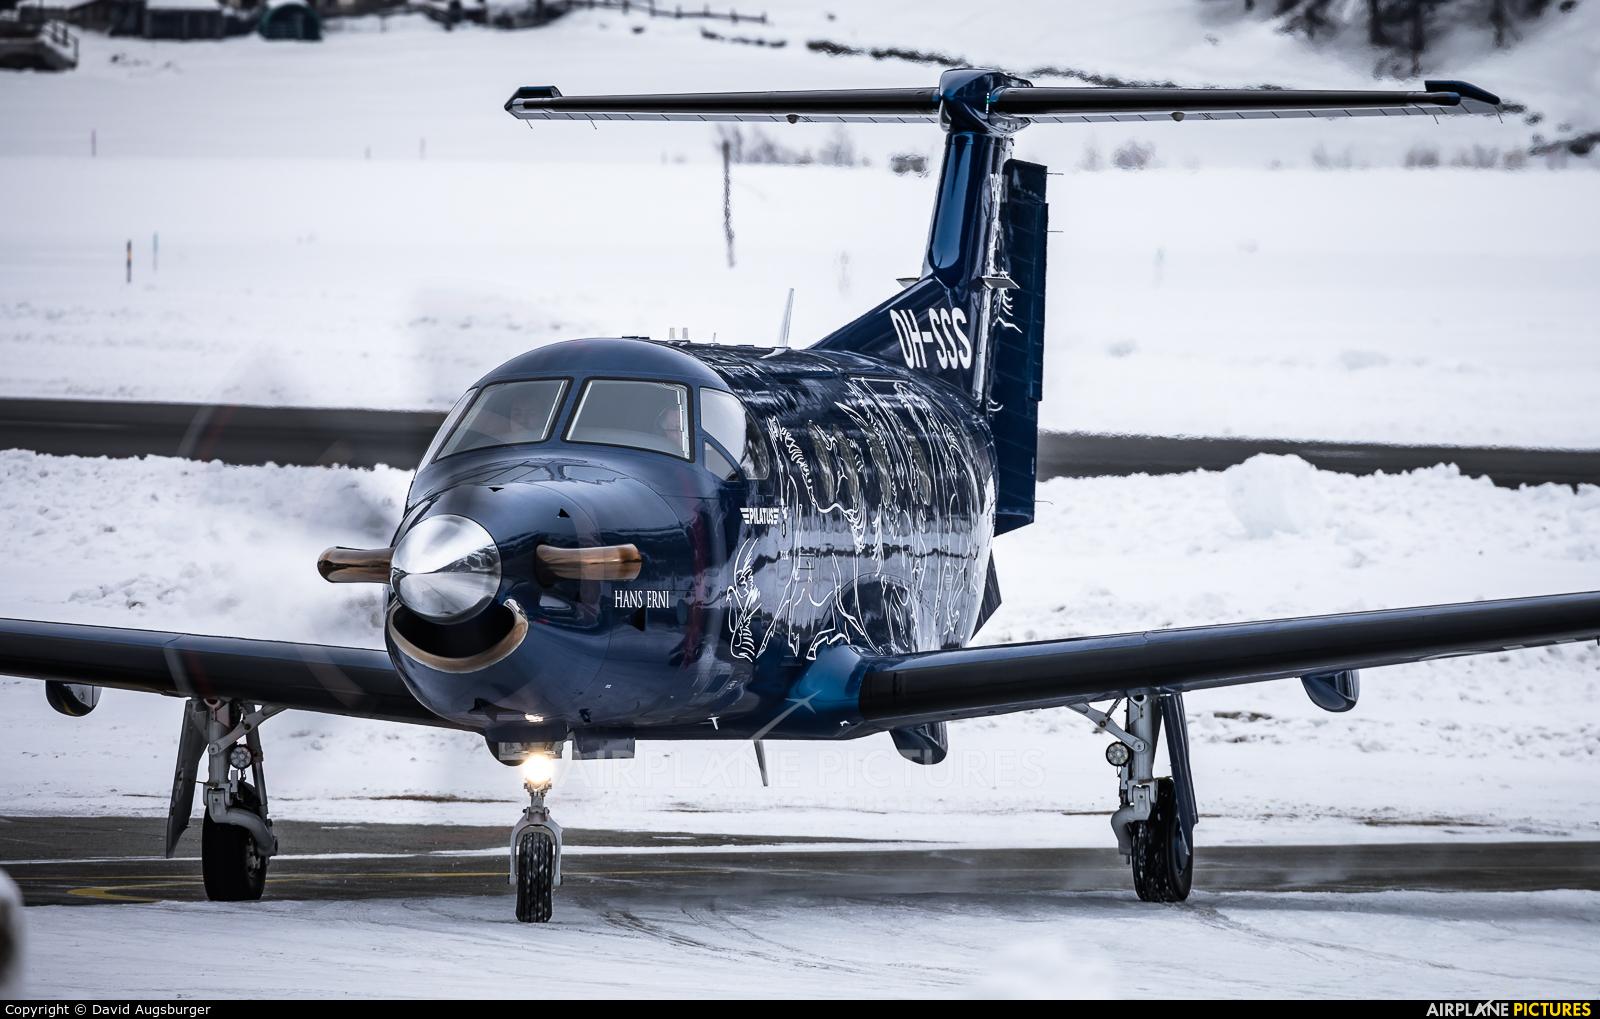 FLY 7 Executive Aviation SA OH-SSS aircraft at Samedan - Engadin